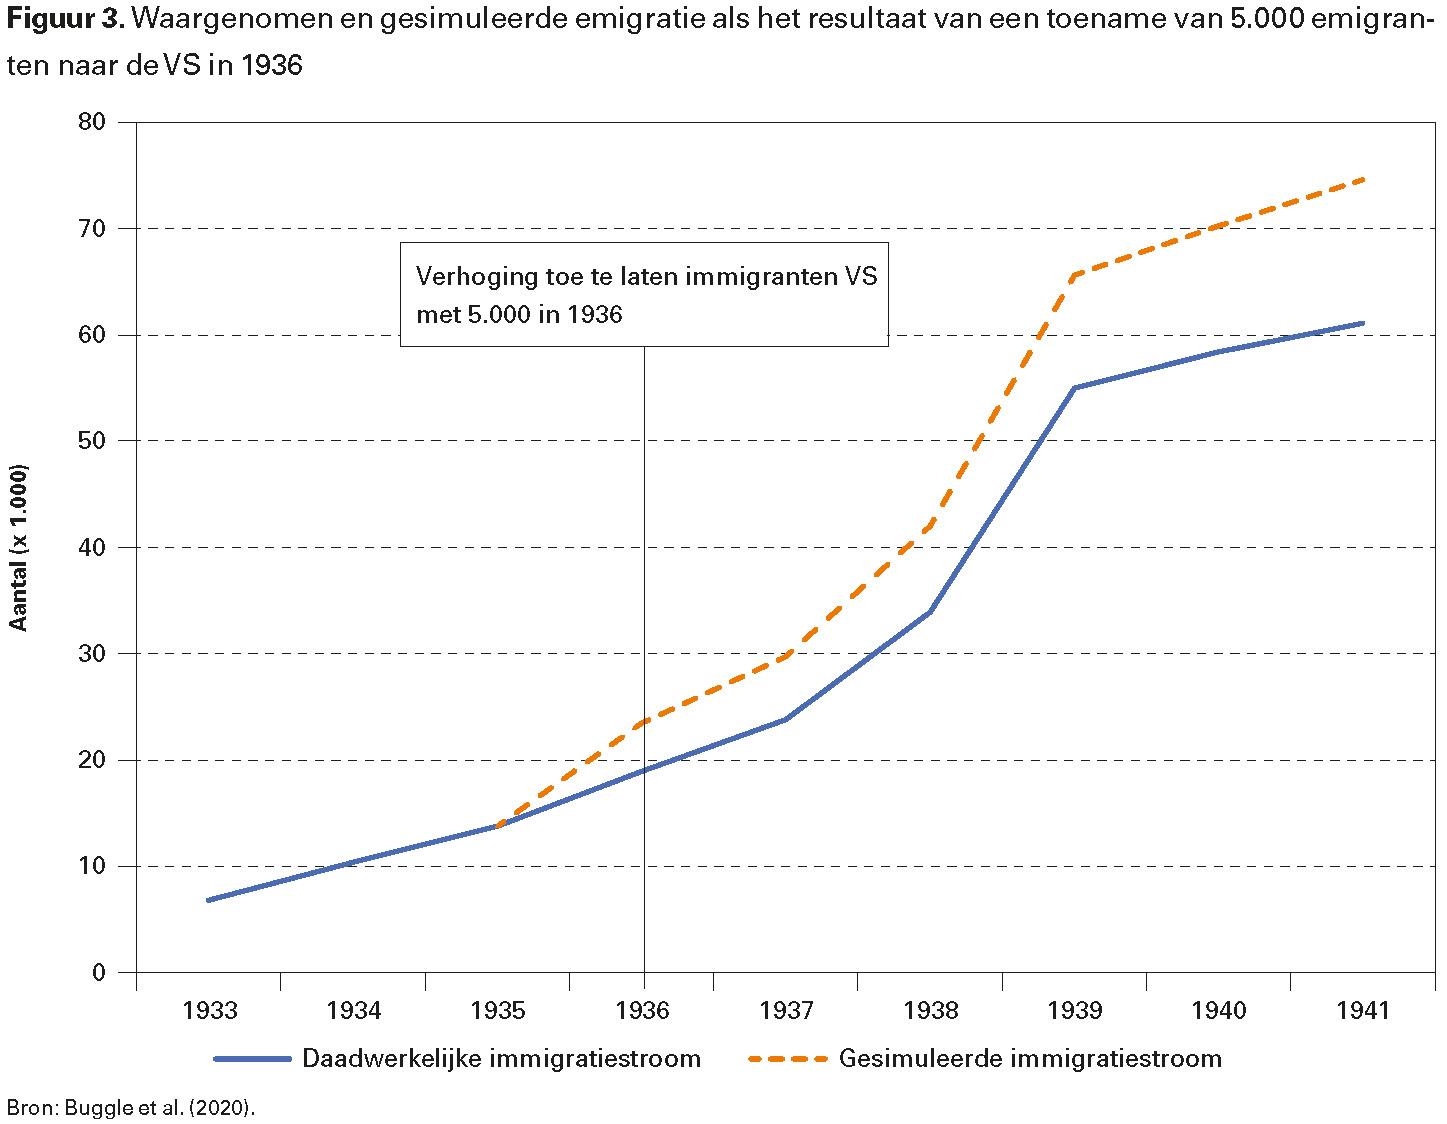 Figuur 3. Waargenomen en gesimuleerde emigratie als het resultaat van een toename van 5.000 emigranten naar de VS in 1936